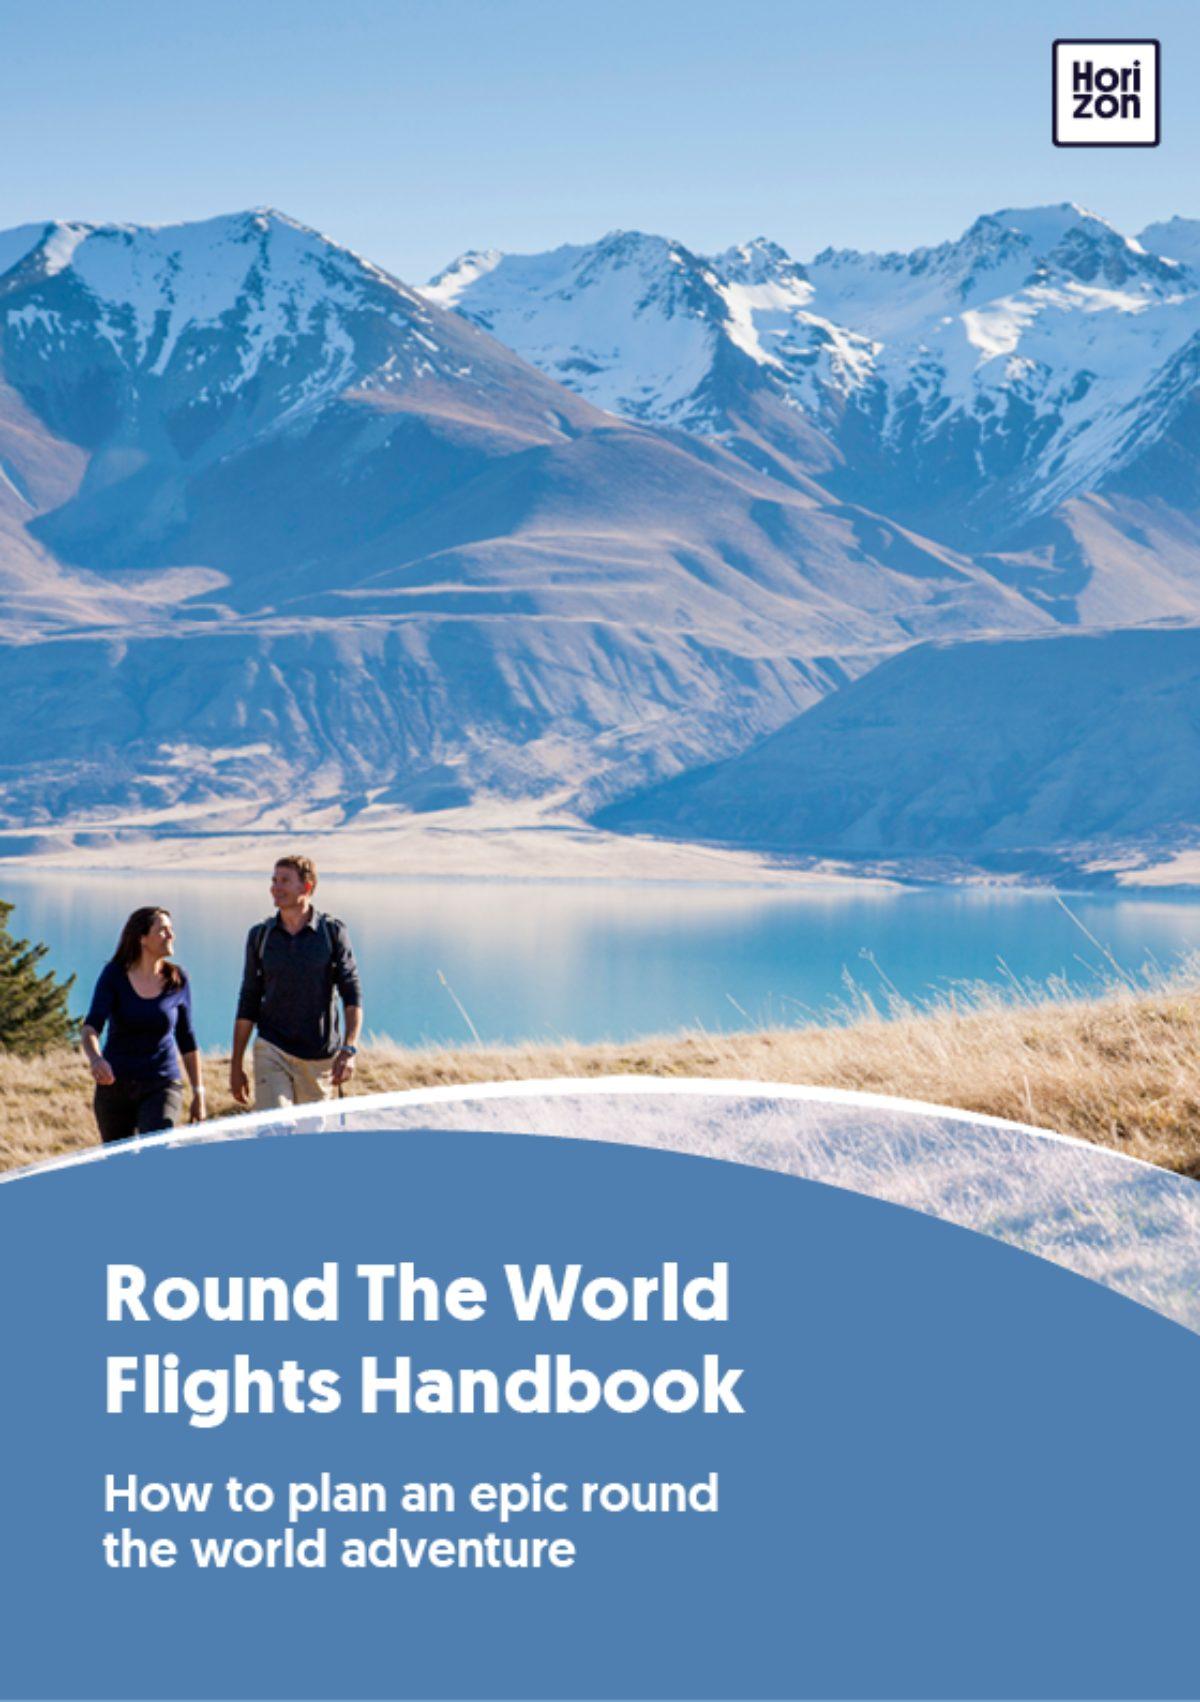 Round The World Flights Handbook